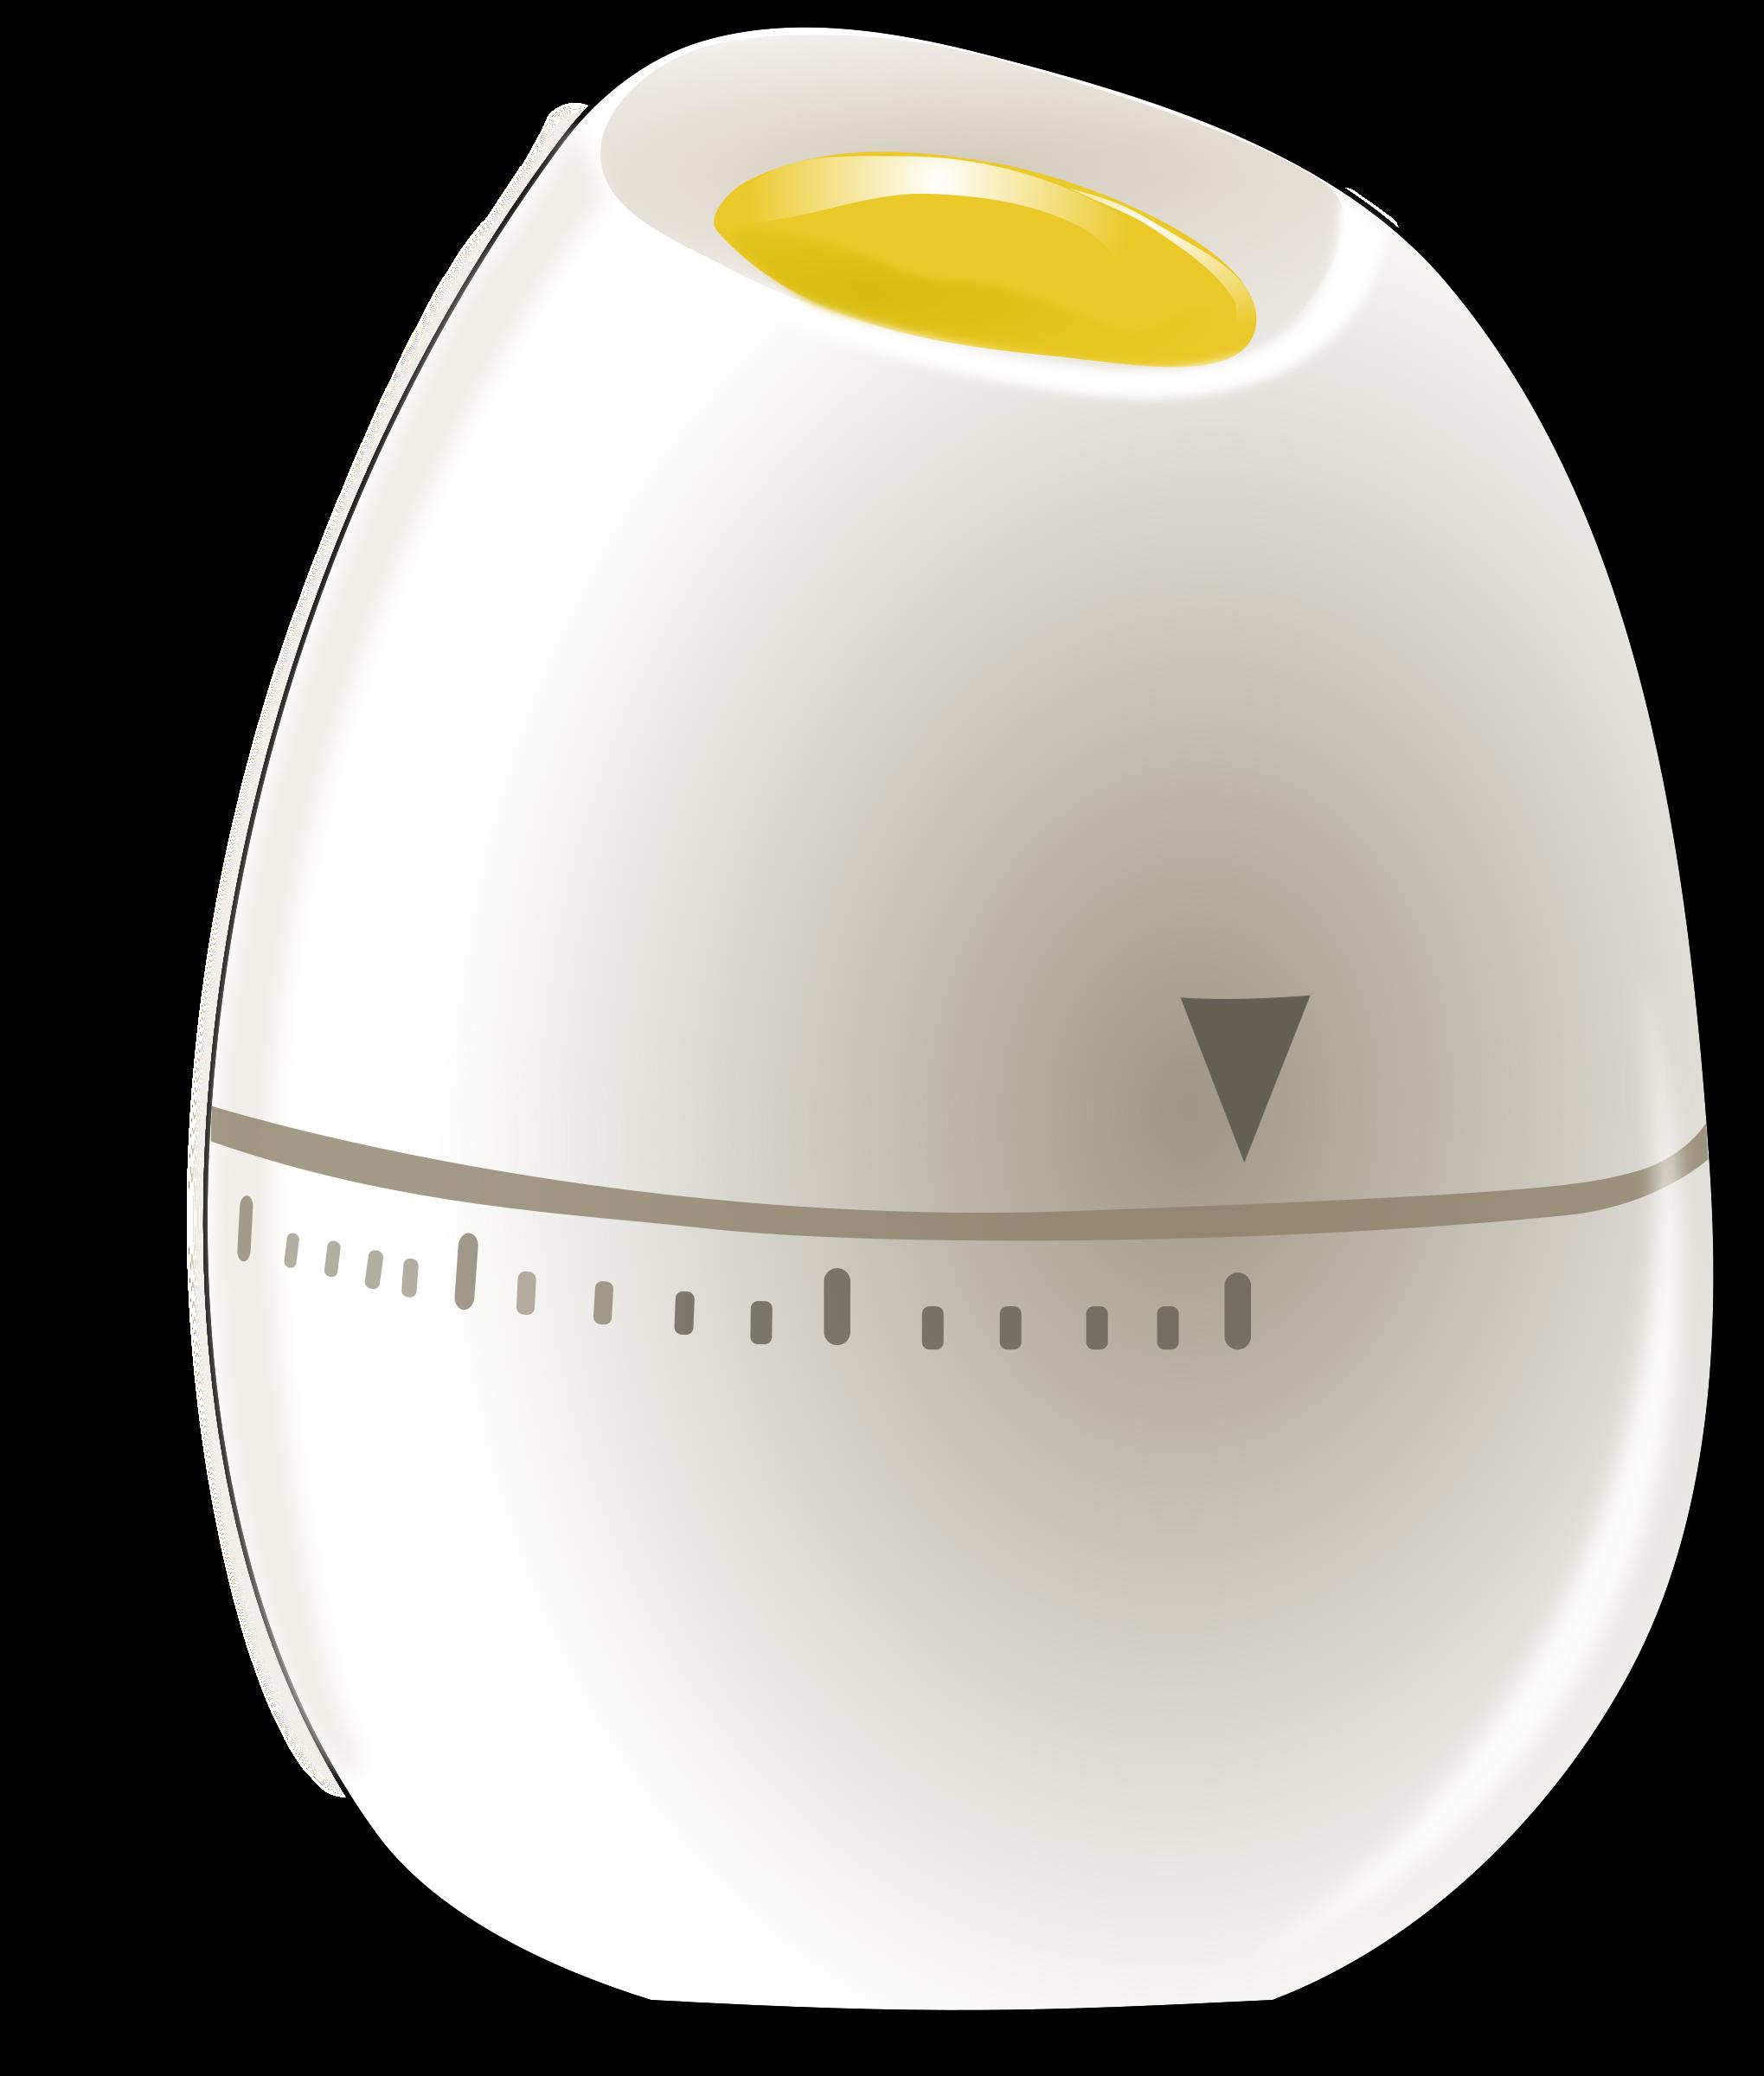 Clipart Egg Timer